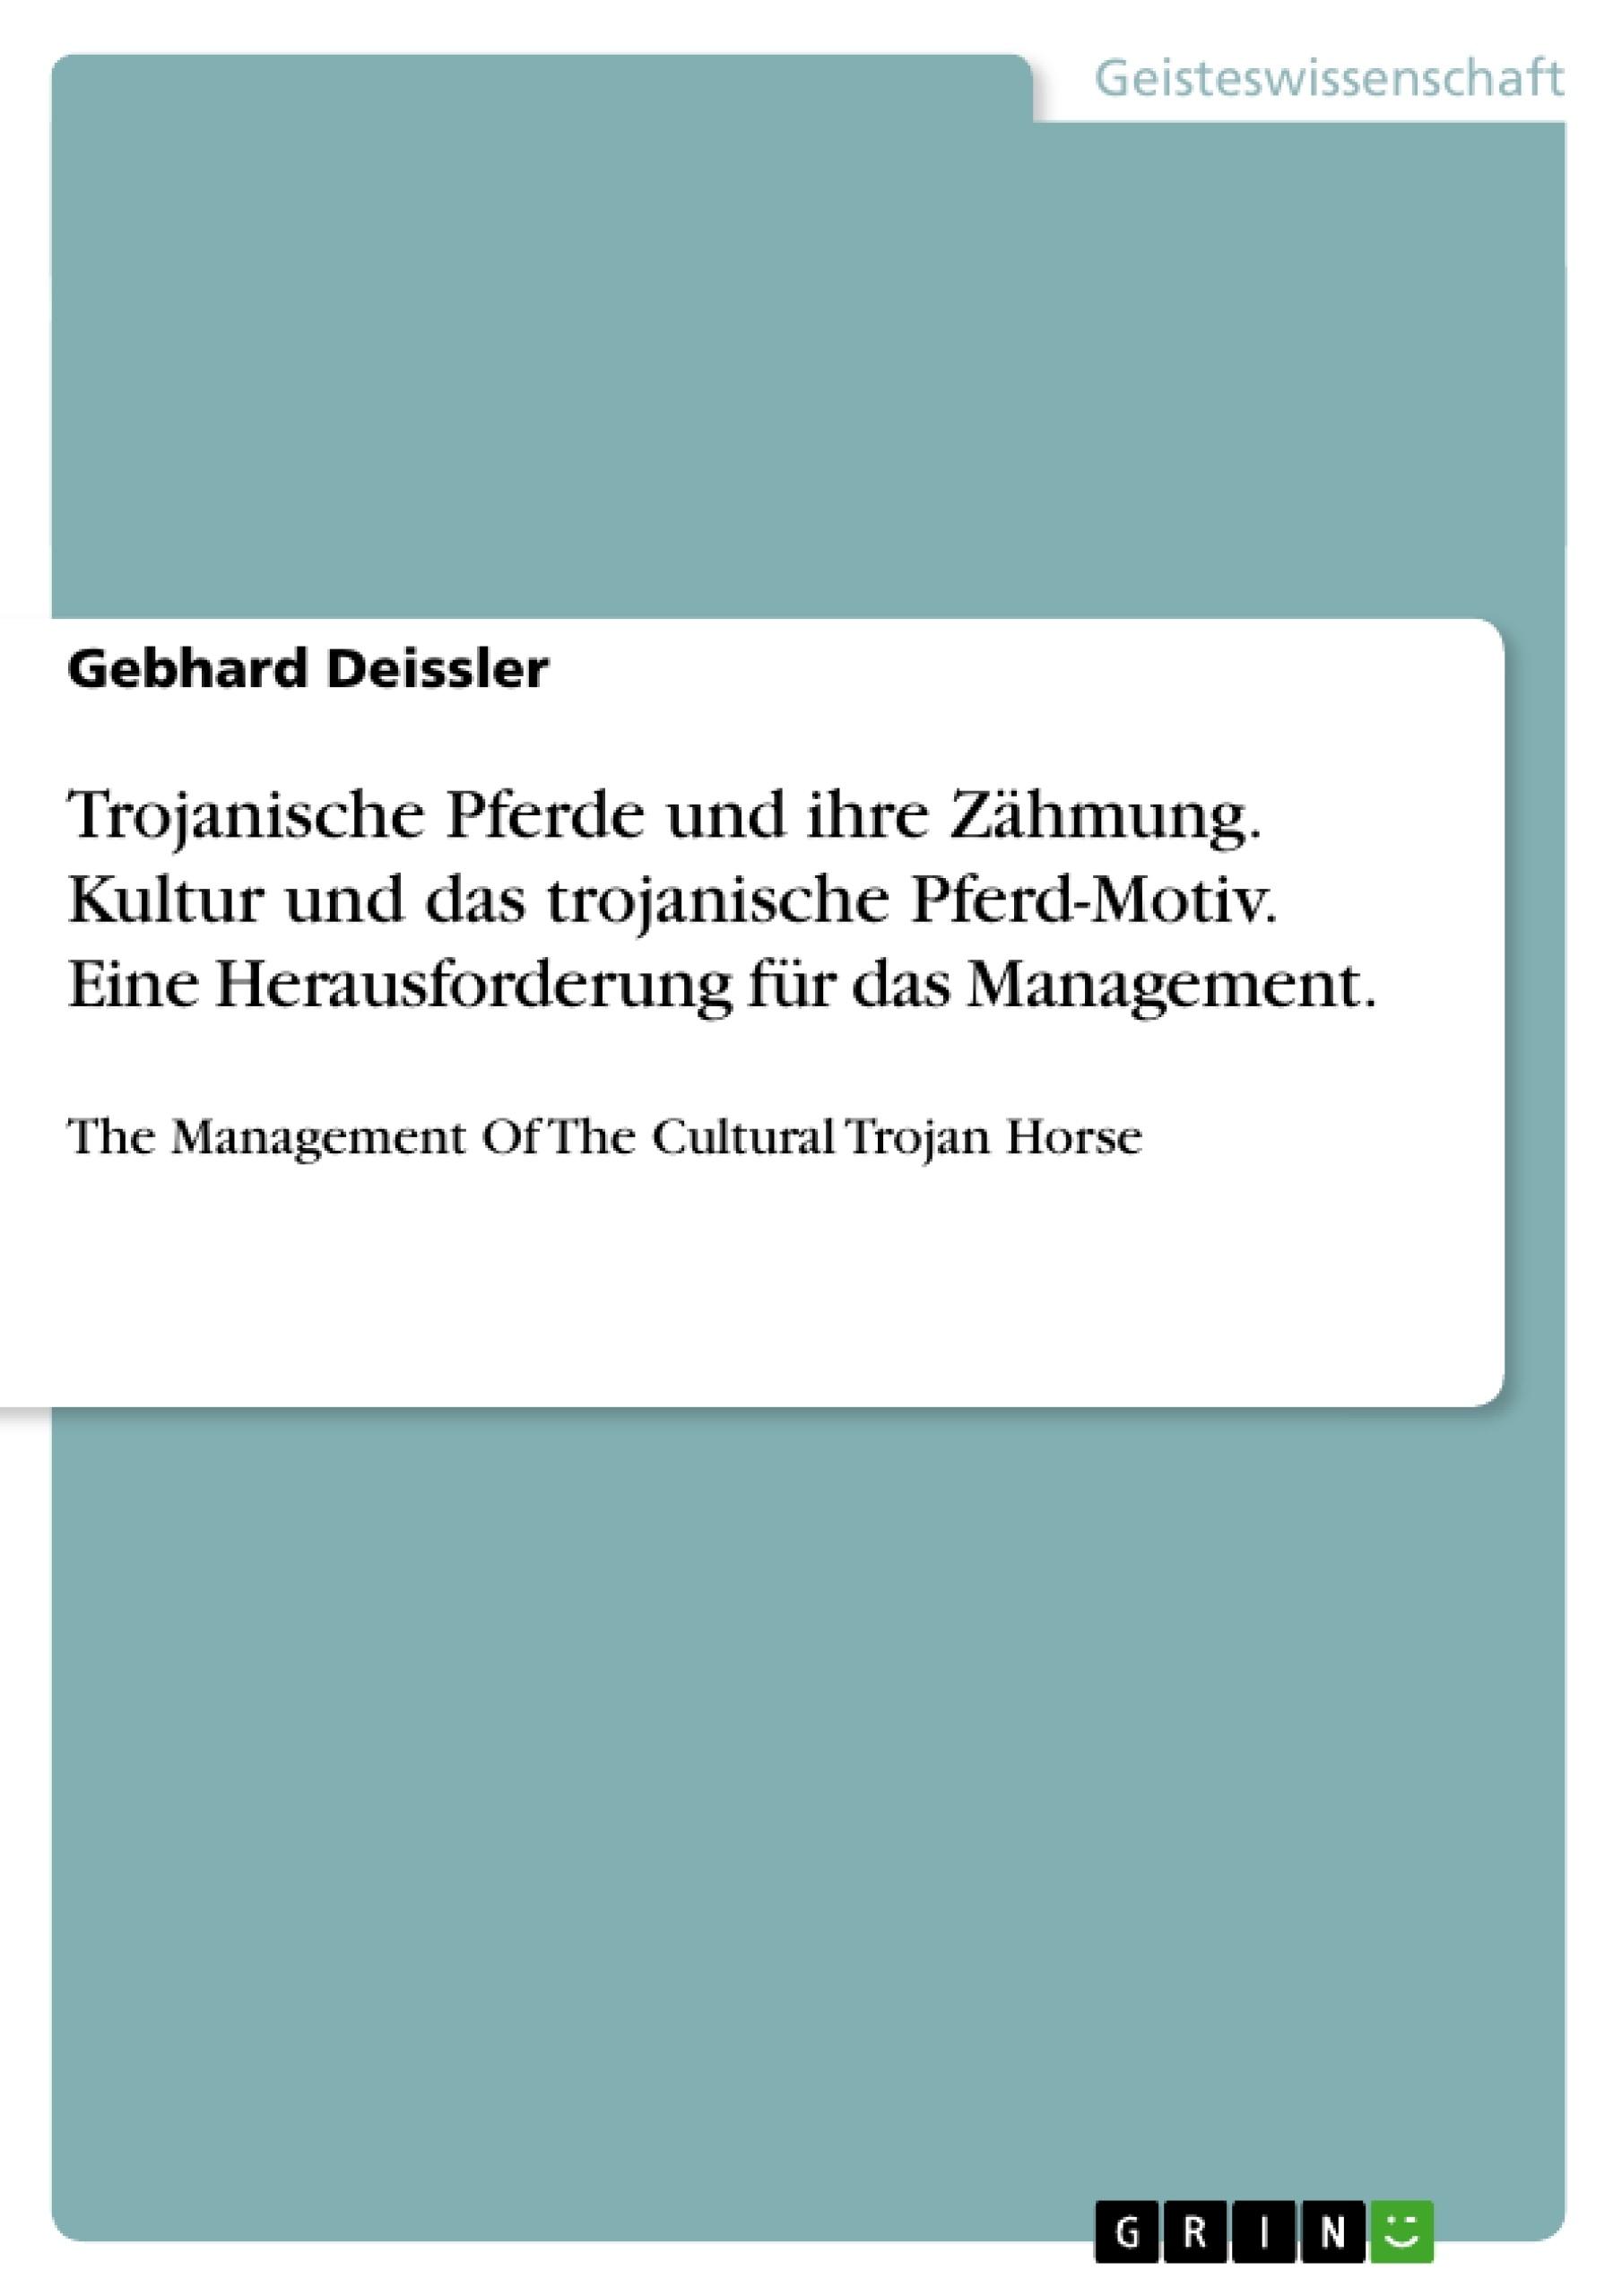 Titel: Trojanische Pferde und ihre Zähmung. Kultur und das trojanische Pferd-Motiv. Eine Herausforderung für das Management.